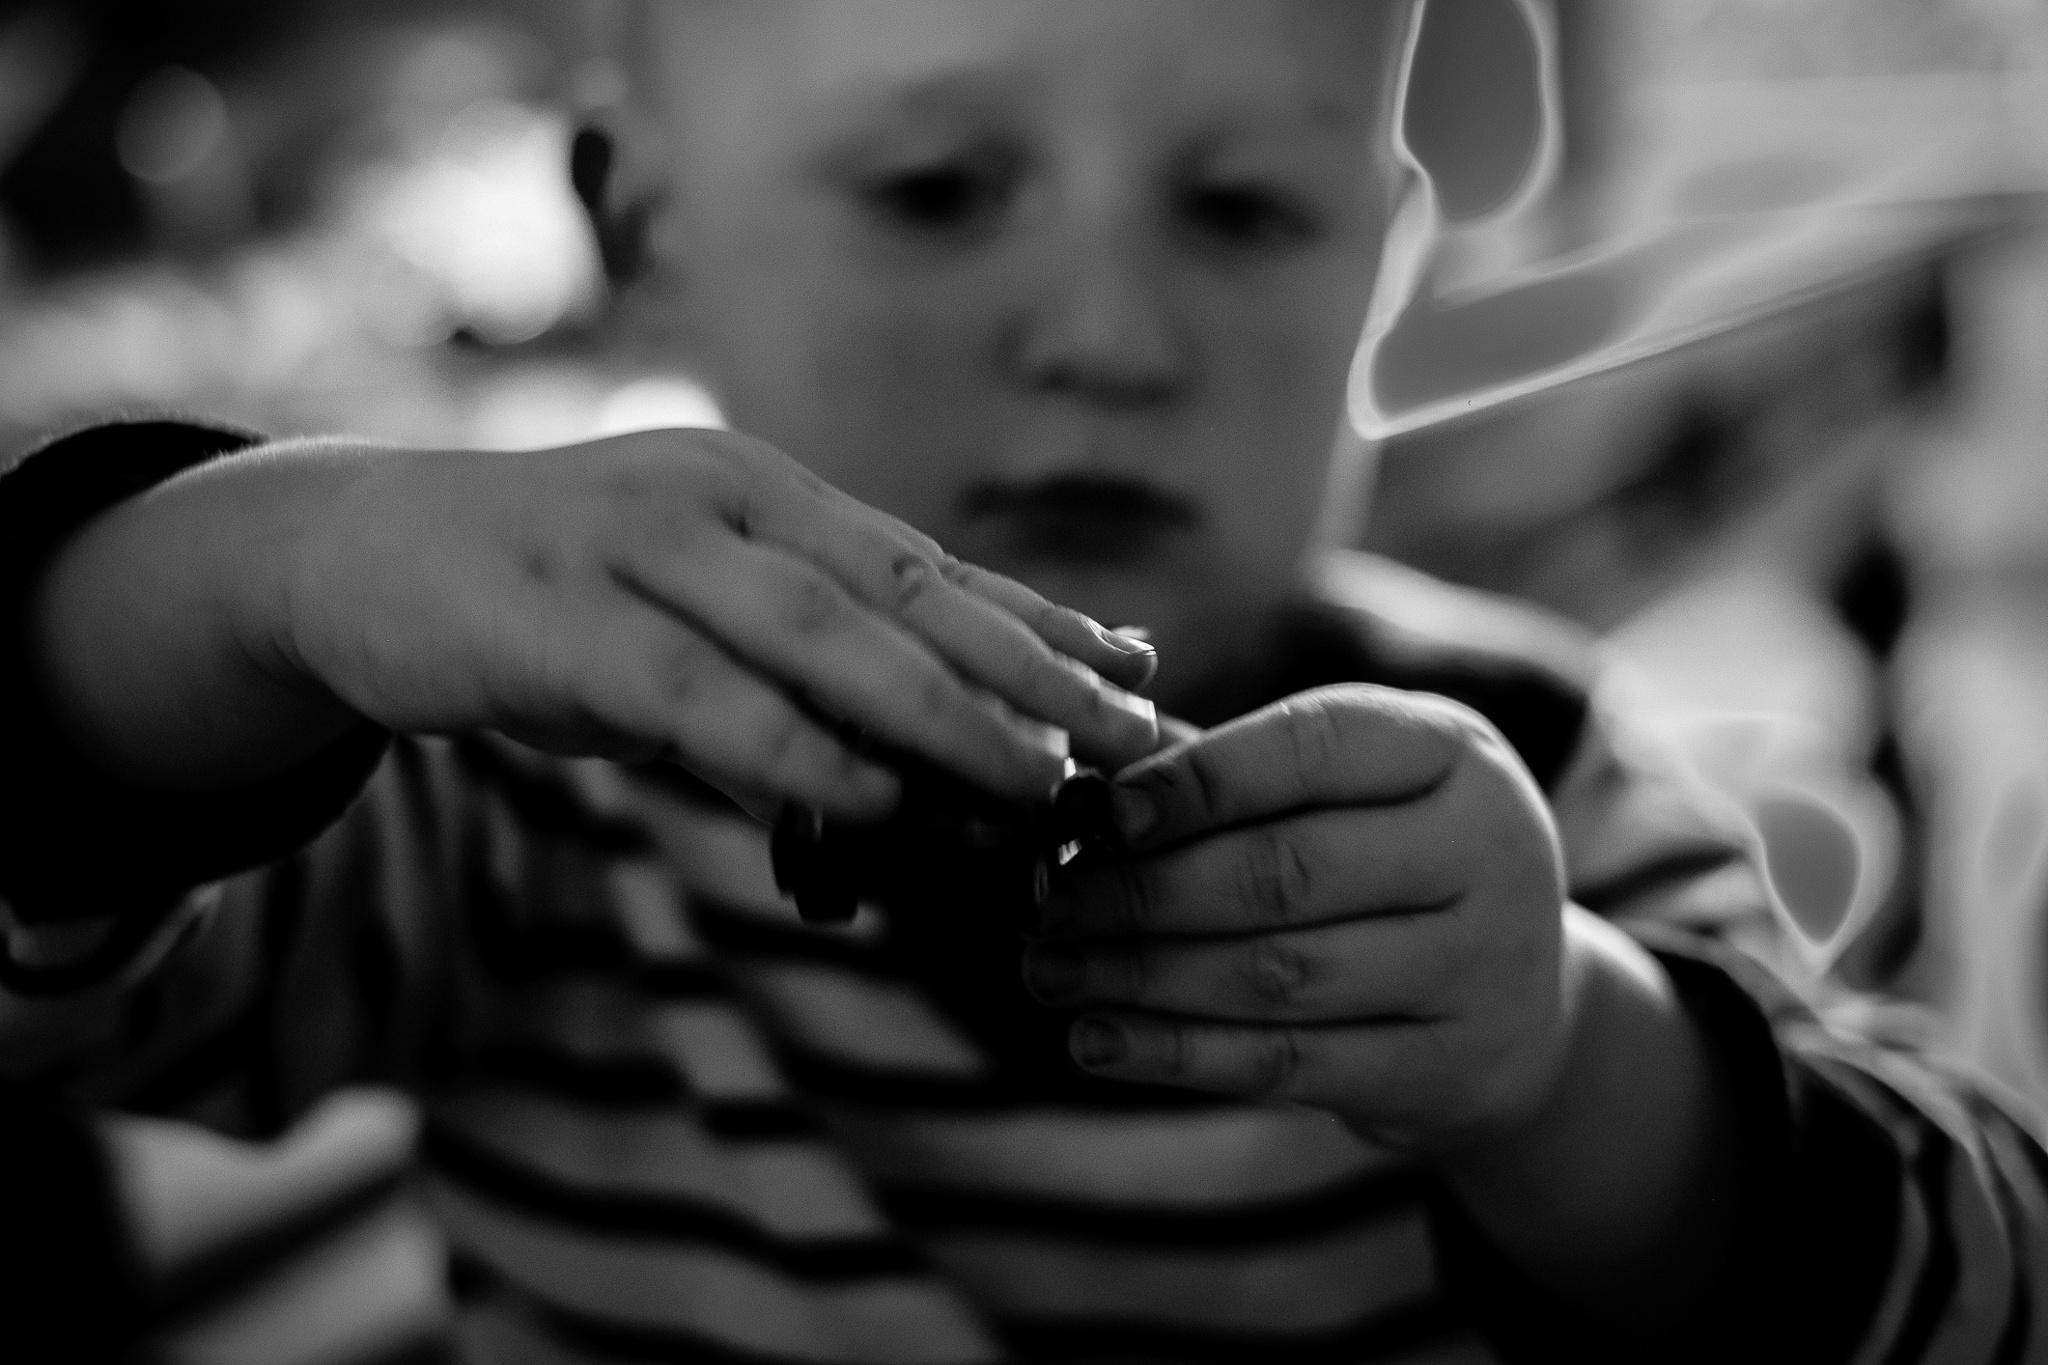 Jeux de mains by photosdan